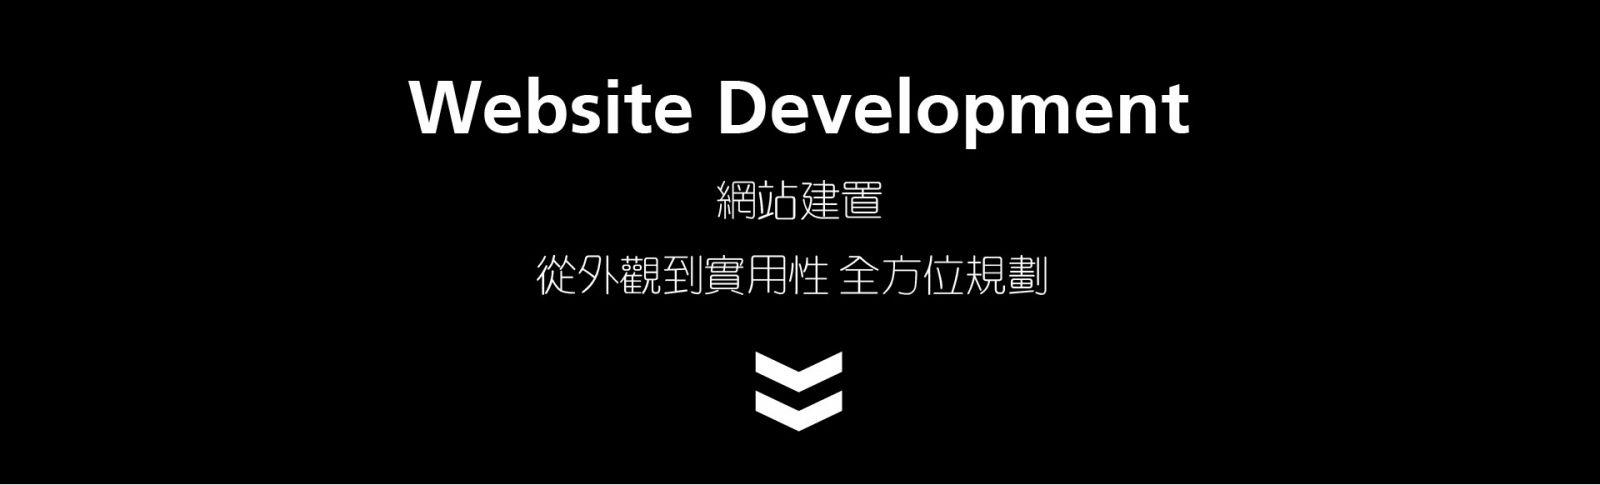 網站建置Website Development  從外觀到實用性 全方位規劃 視覺設計 / 圖標設計 內容維護 / 網站分析 網站優化 / 安全性管理 介面與流程規劃 / 優化 客製化符合企業形象的專屬網站